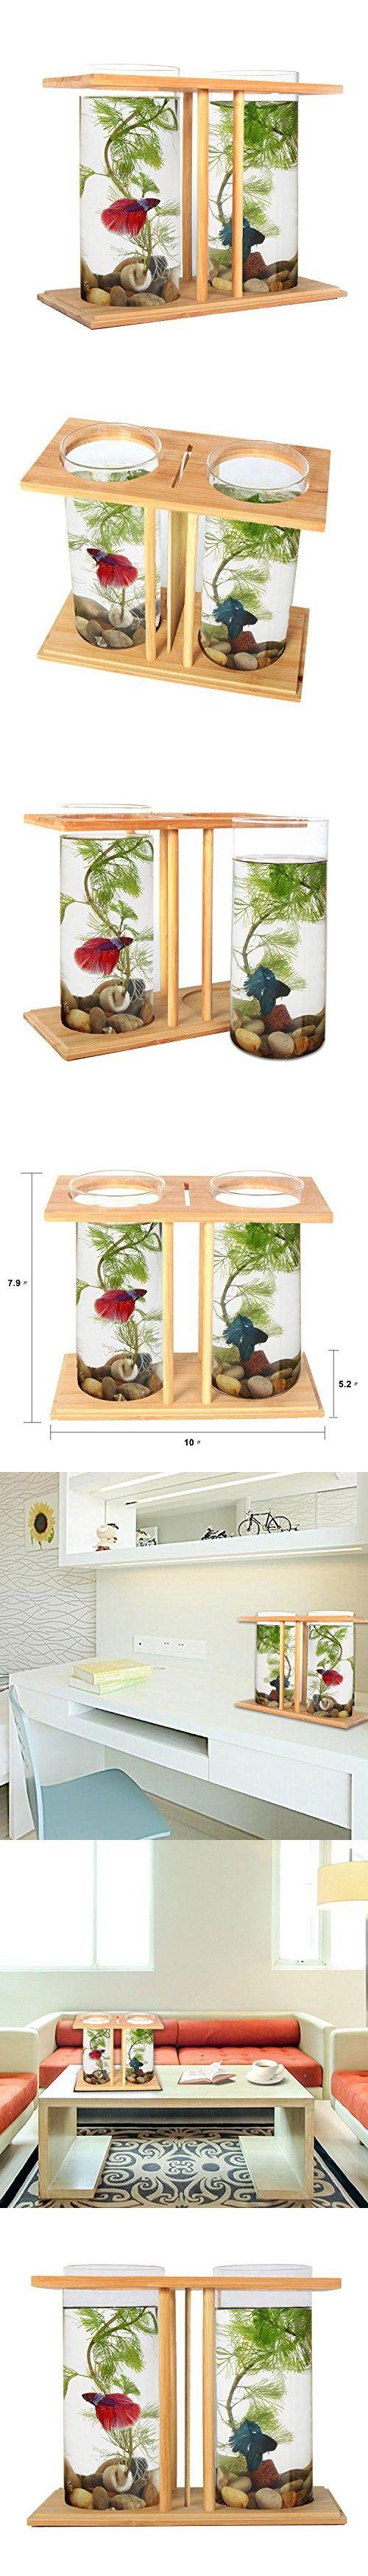 Juwel aqua clean aquarium fish tank gravel cleaner - Fish Bowls Bamboo Segarty Unique Cool Design Small Square Glass Vase Creative Aquarium Kit With